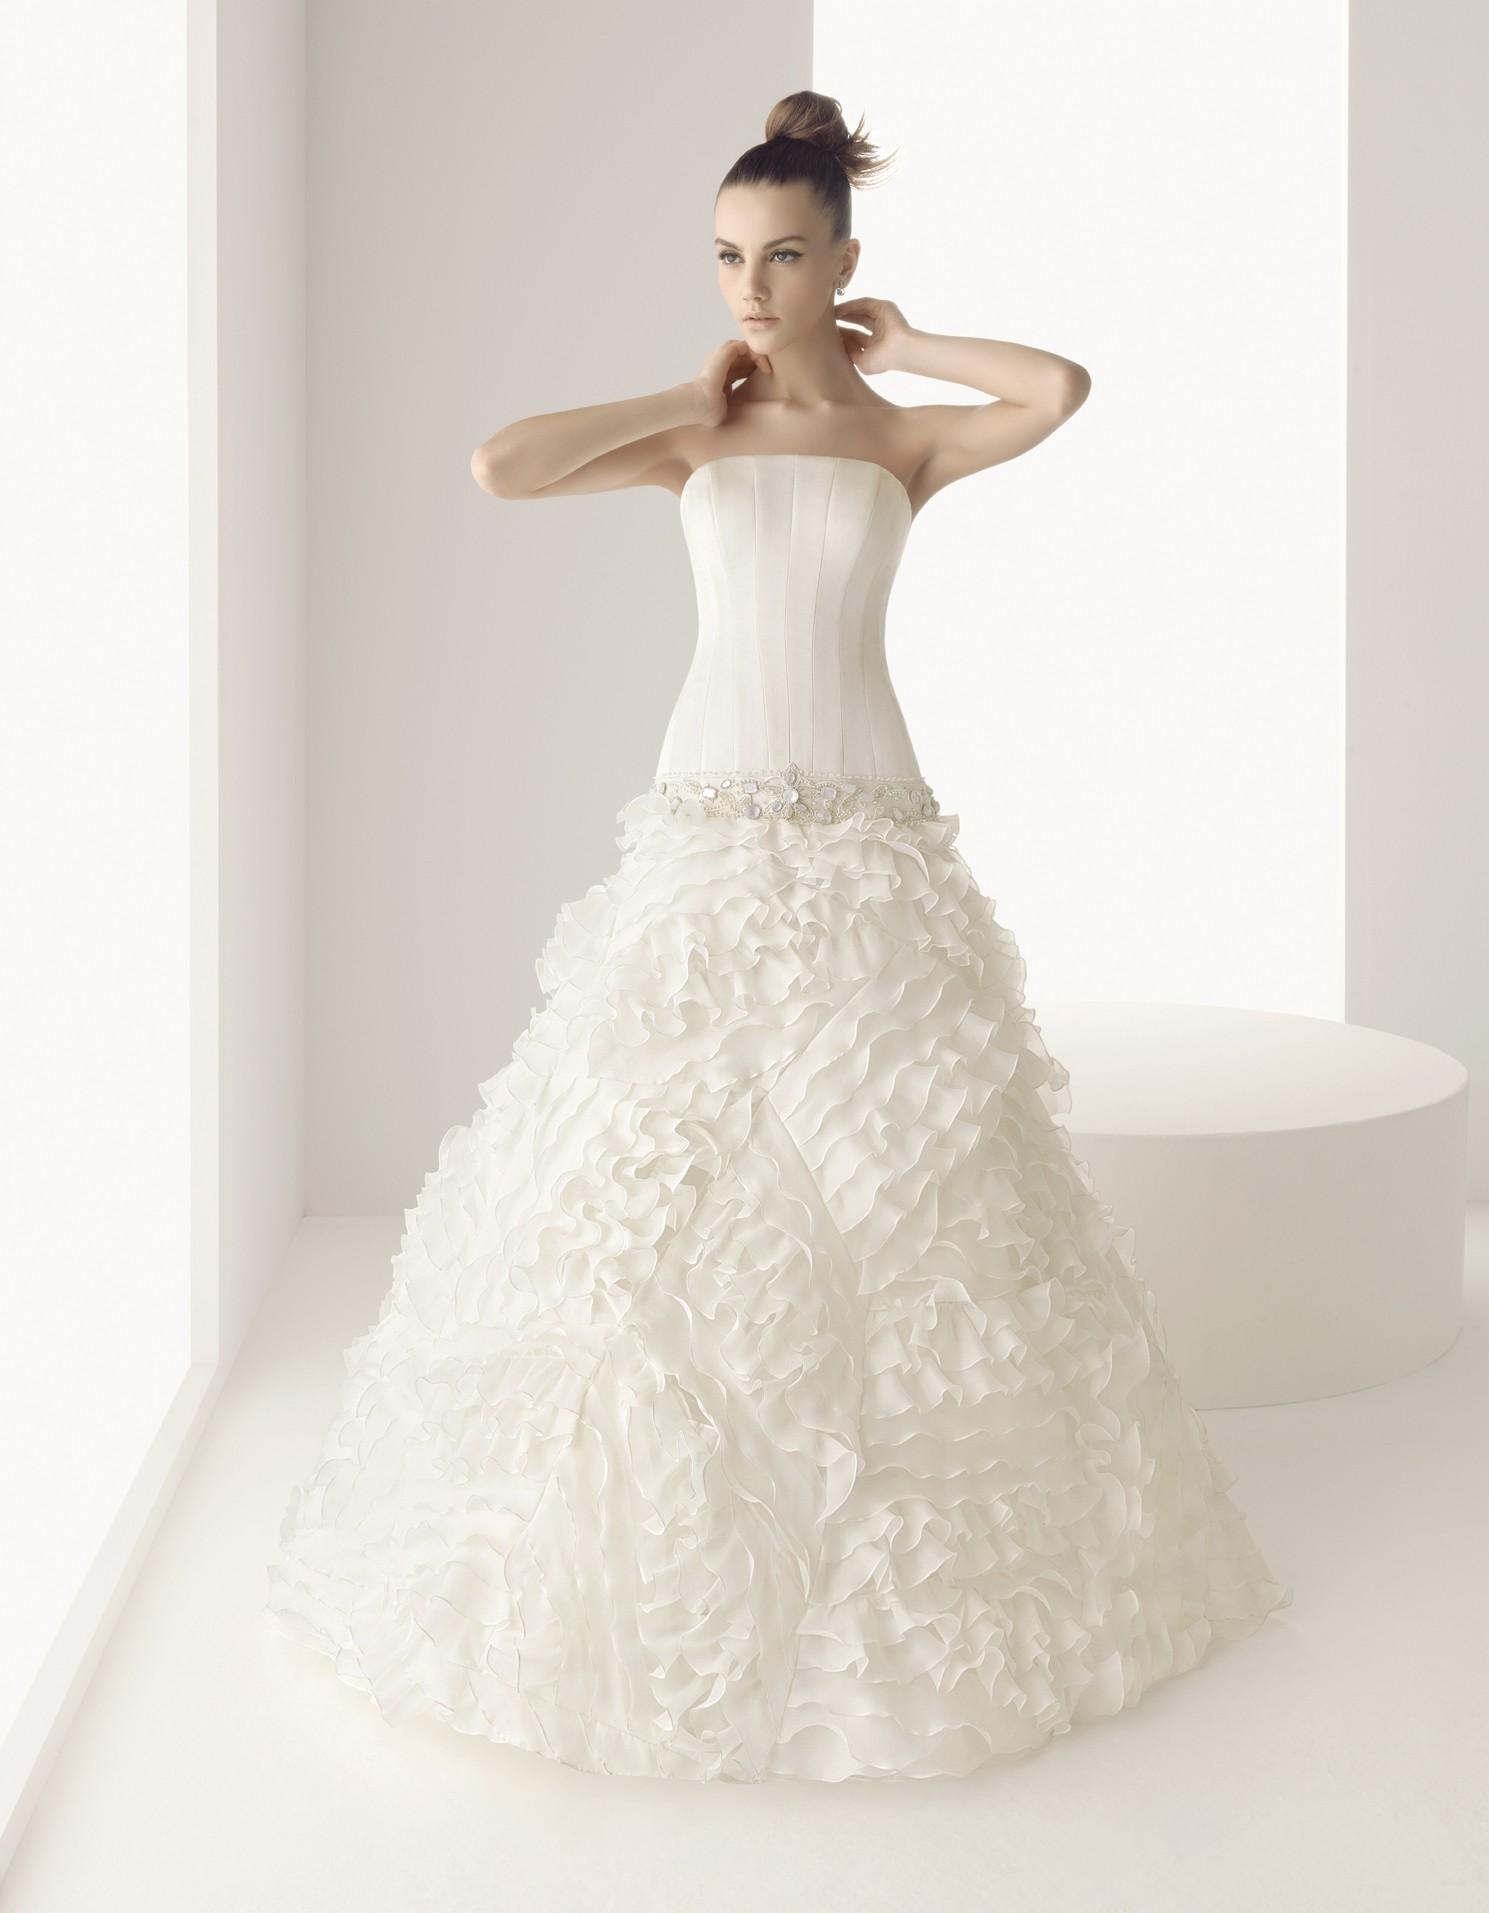 Vestidos de novia marcas reconocidas